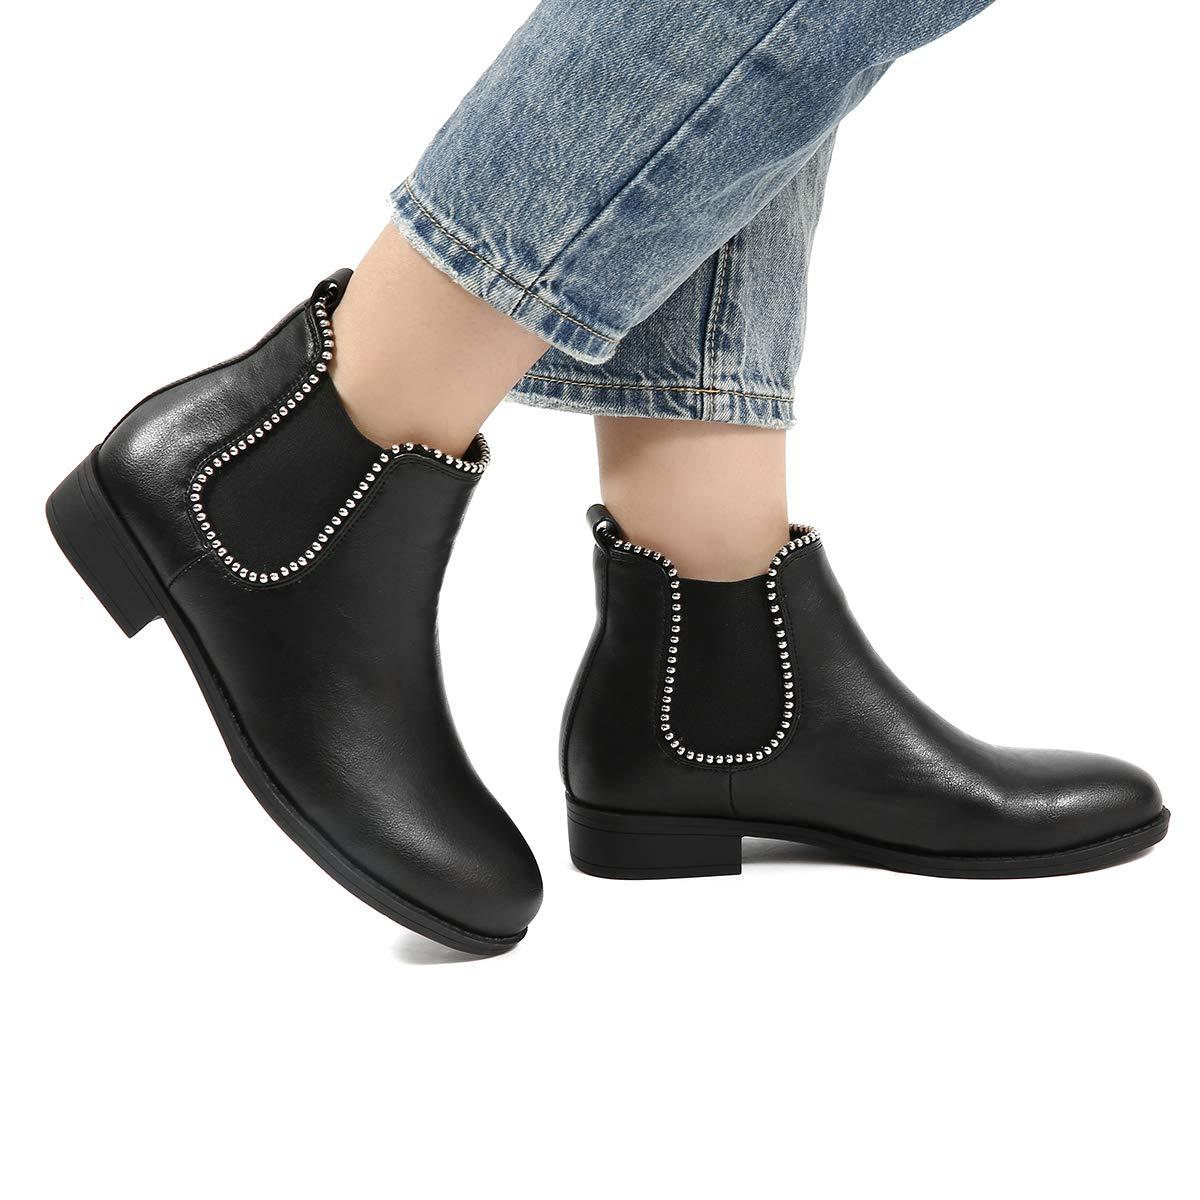 9a8edf862dd6b Gracosy Bottines Hiver Femmes, Chaussures Plates Ville Talons Plats Boots  Chelsea Printemps Fourrure Bottes de